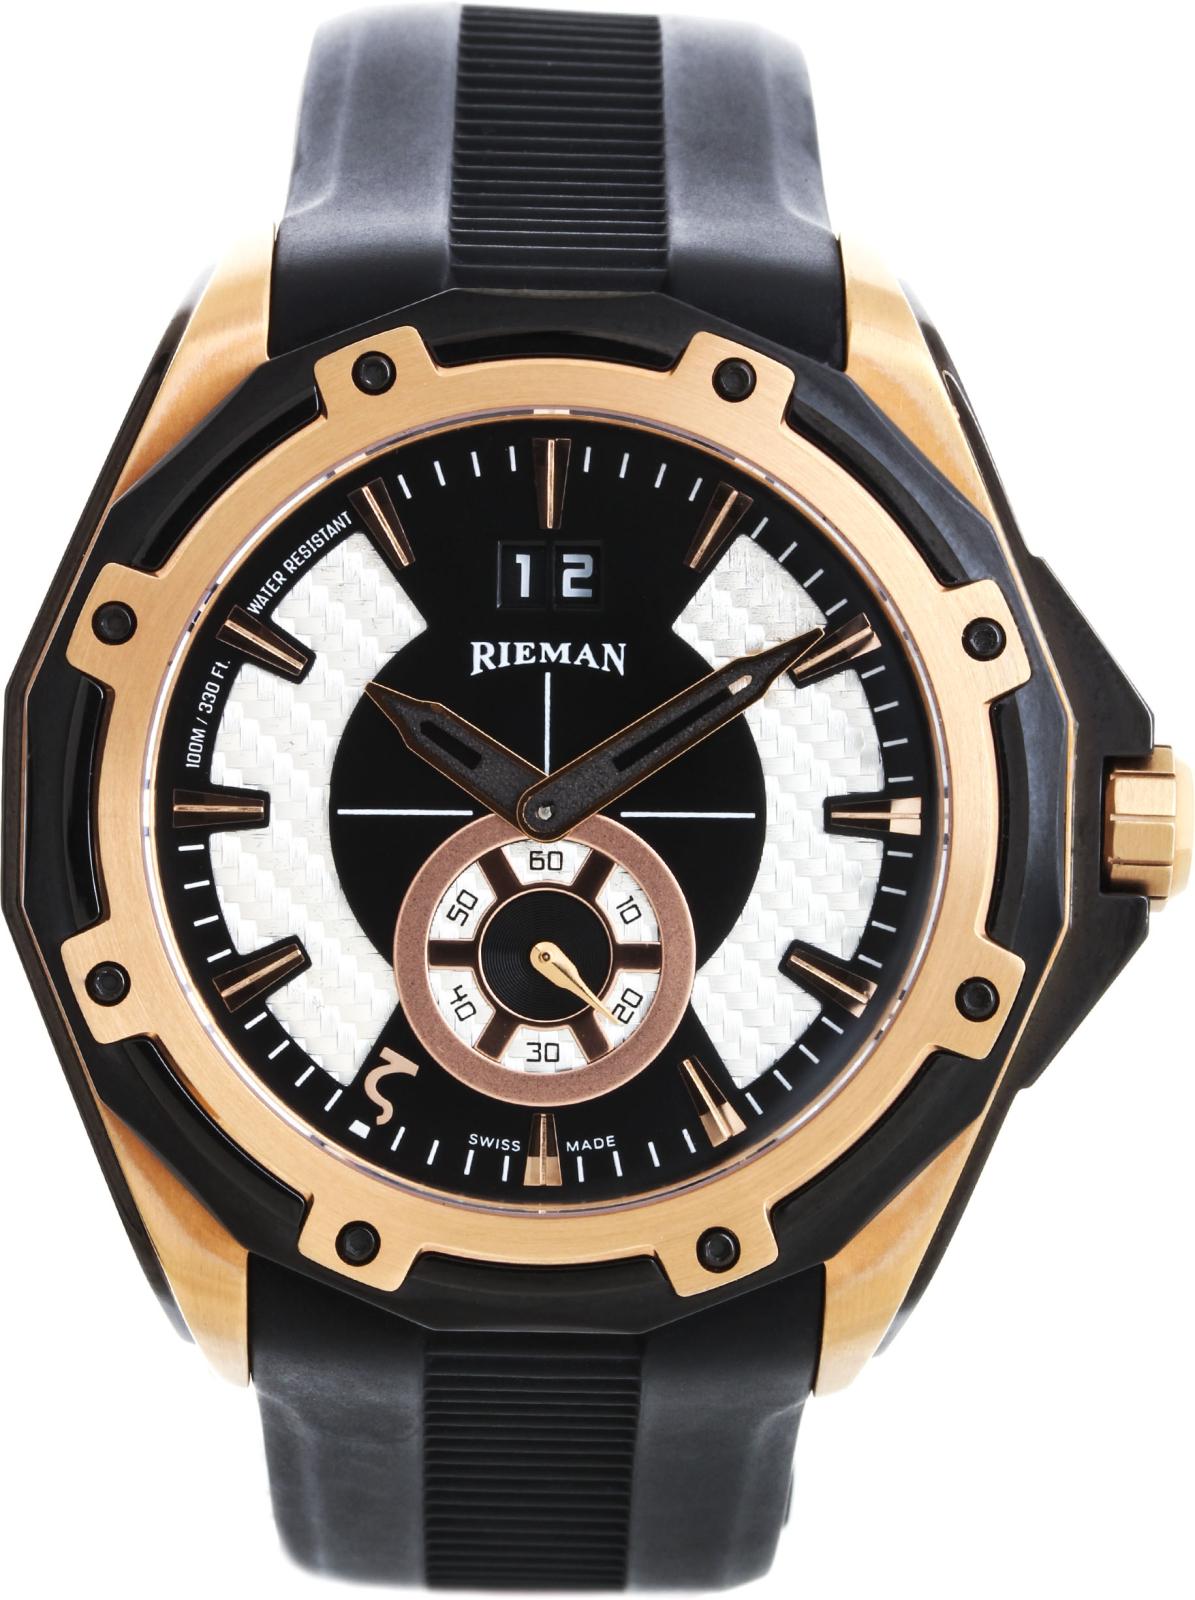 Rieman OutSpace R4128.104.516Наручные часы<br>Швейцарские часы Rieman OutSpace R4128.104.516Данная модель — яркий представитель коллекции OutSpace. Это мужские часы. Материал корпуса часов — сталь+золото. Стекло - сапфировое. Часы выдерживают давление на глубине 100 м. Цвет циферблата - белый с черным. Из основных функций на циферблате представлены:  часы, минуты, секунды. В этой модели используются такие усложнения как дата, . Часы обладают корпусом 45,5мм.<br><br>Пол: Мужские<br>Страна-производитель: Швейцария<br>Механизм: Кварцевый<br>Материал корпуса: Сталь+Золото<br>Материал ремня/браслета: Каучук<br>Водозащита, диапазон: 100 - 150 м<br>Стекло: Сапфировое<br>Толщина корпуса: None<br>Стиль: Спорт